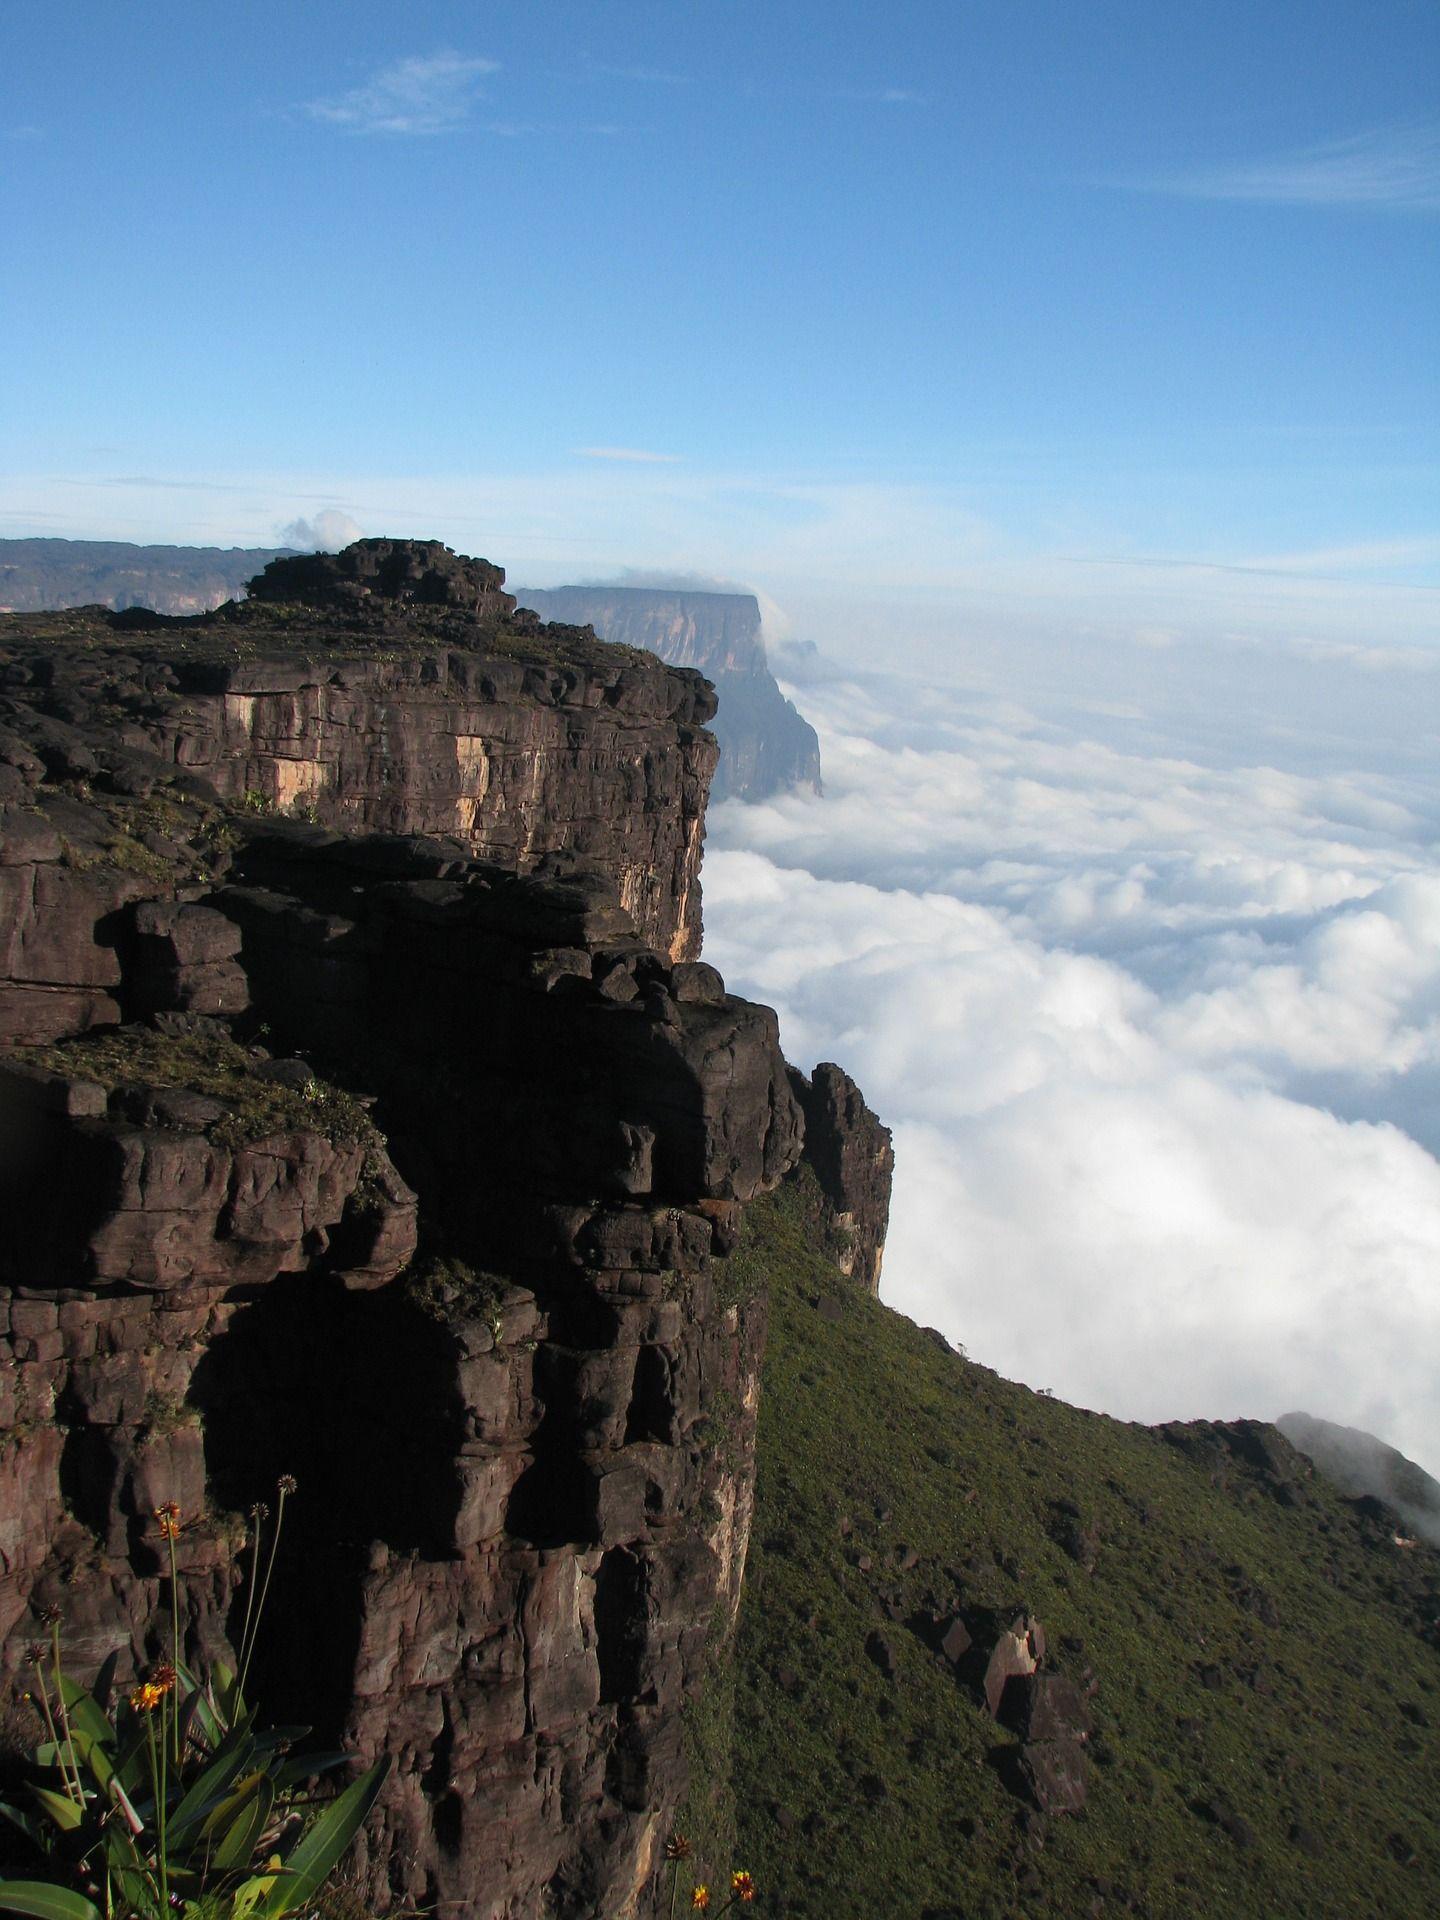 El Parque Nacional de Canaima, en Venezuela, se distingue por los tepuyes y por el Salto Ángel, el más alto del mundo.